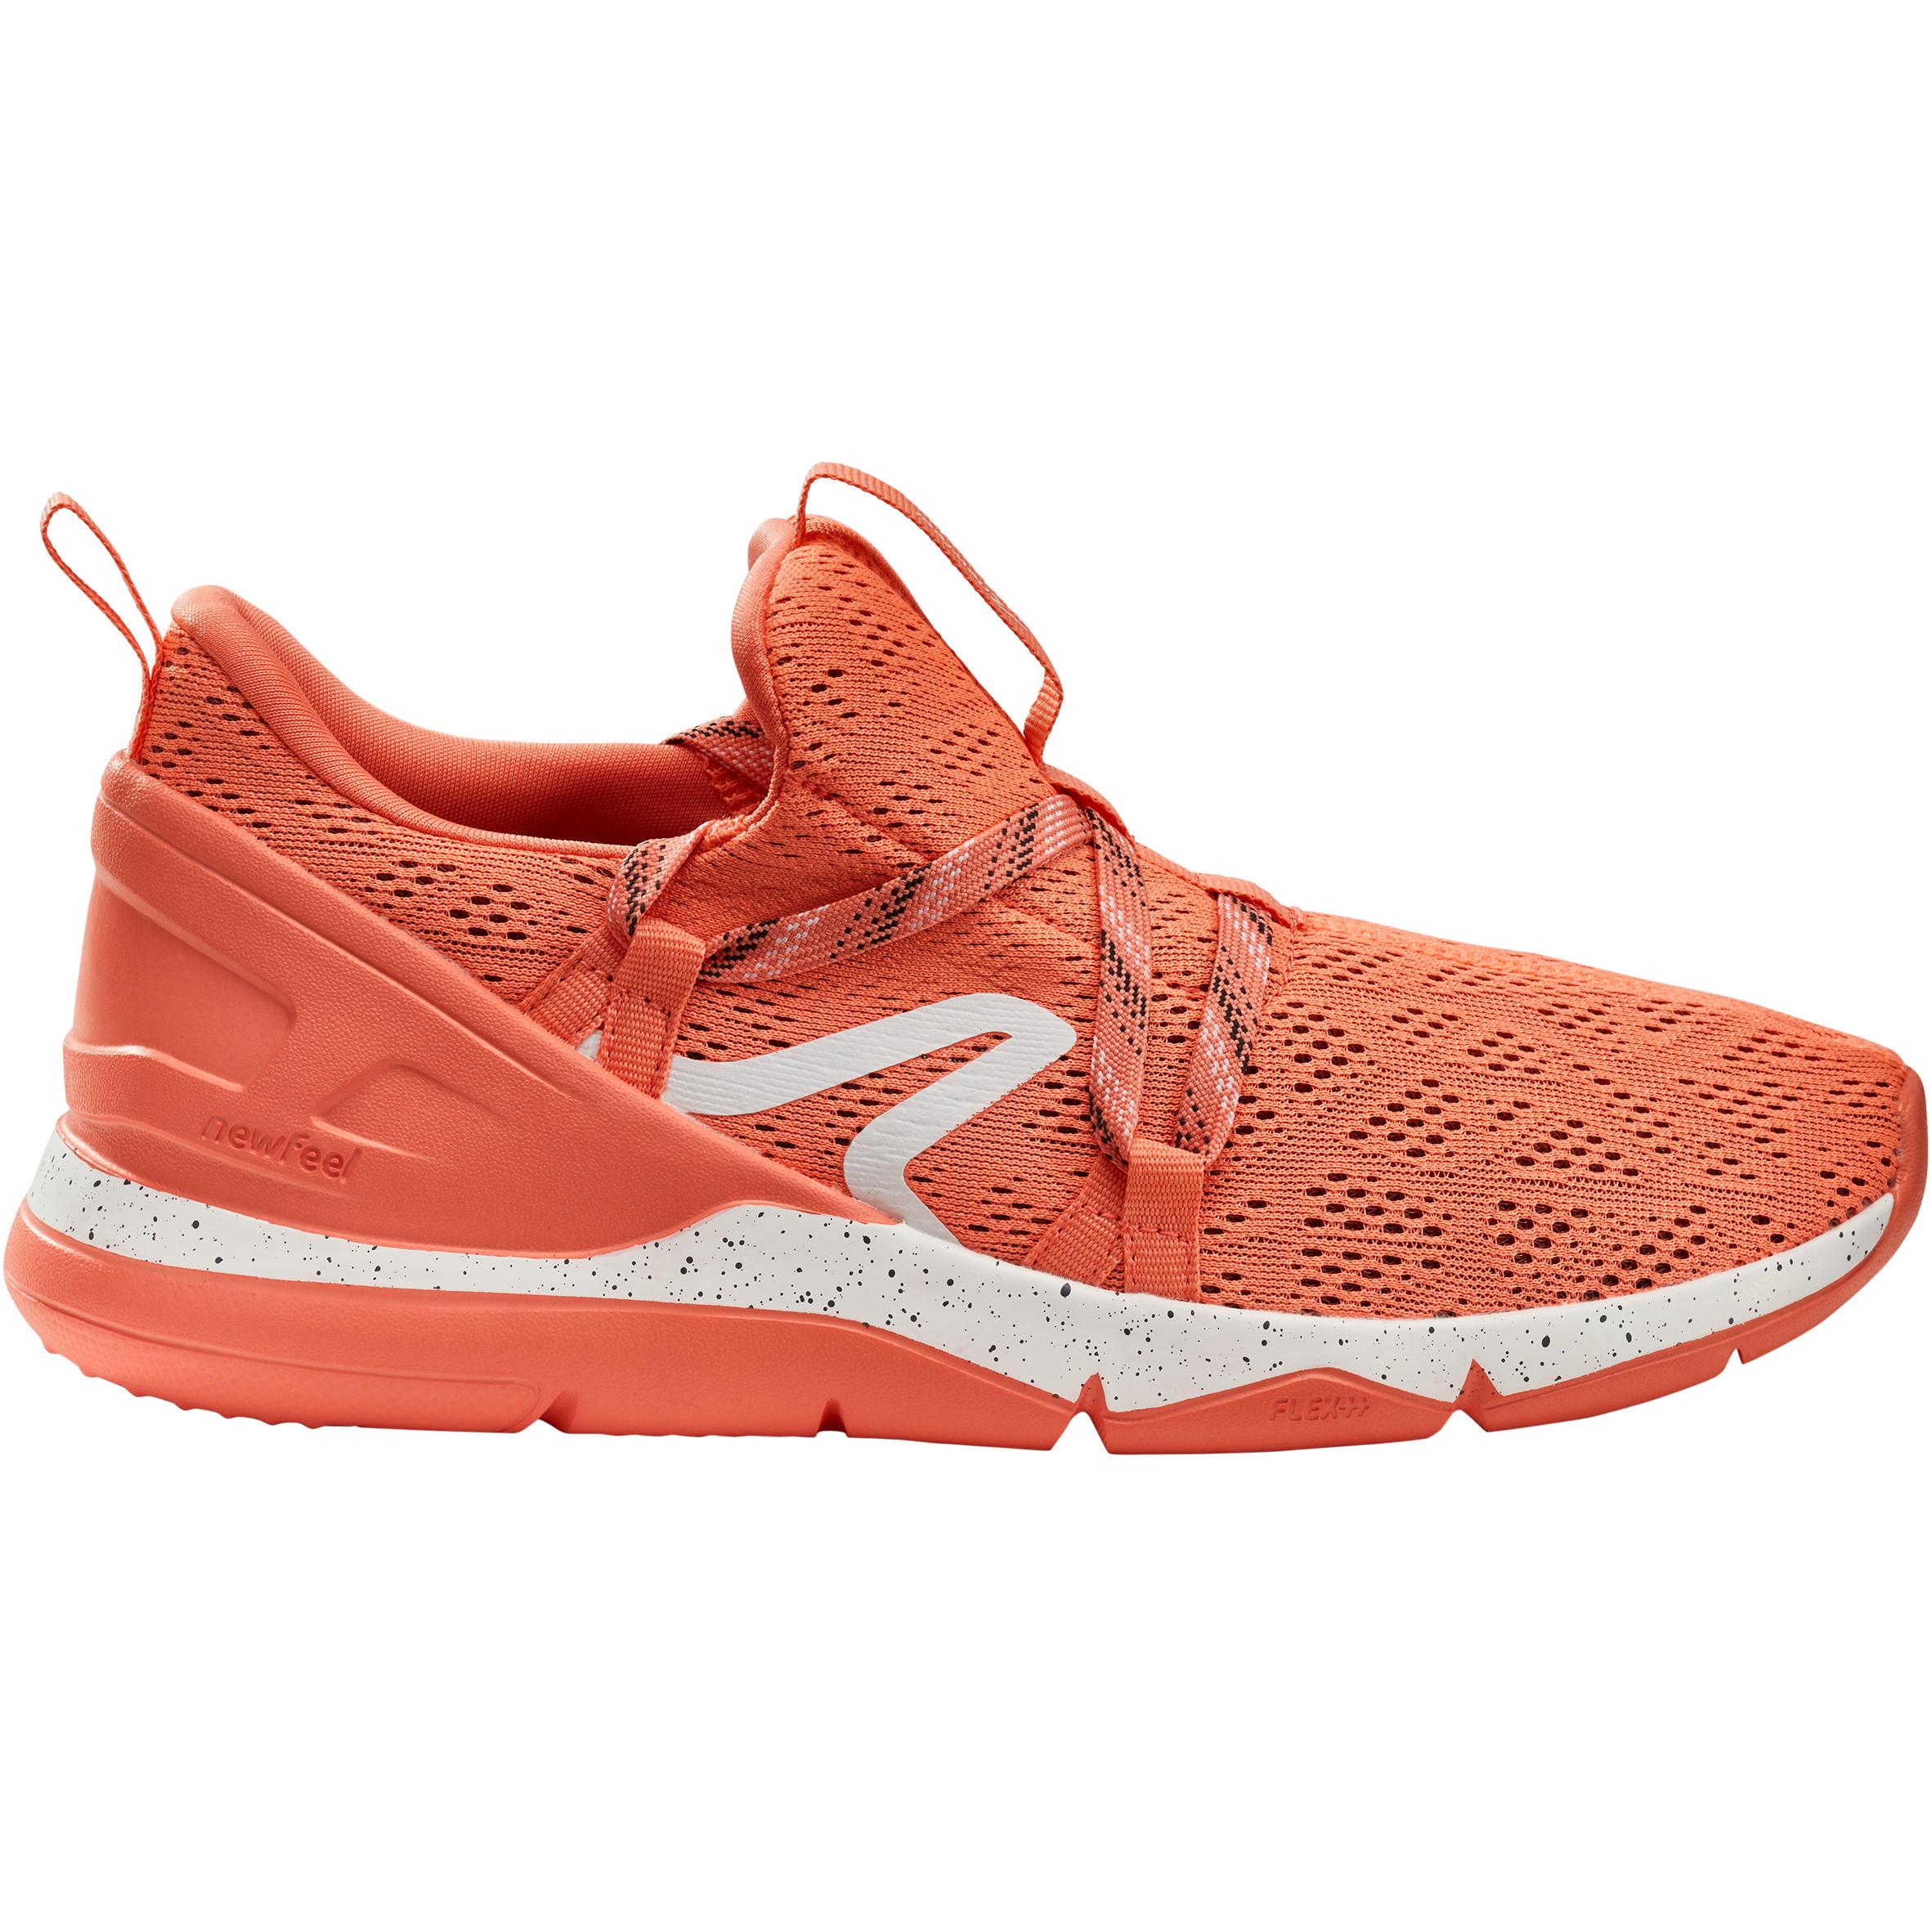 f4199ada5e7 Comprar Zapatillas Deportivas de Mujer Online